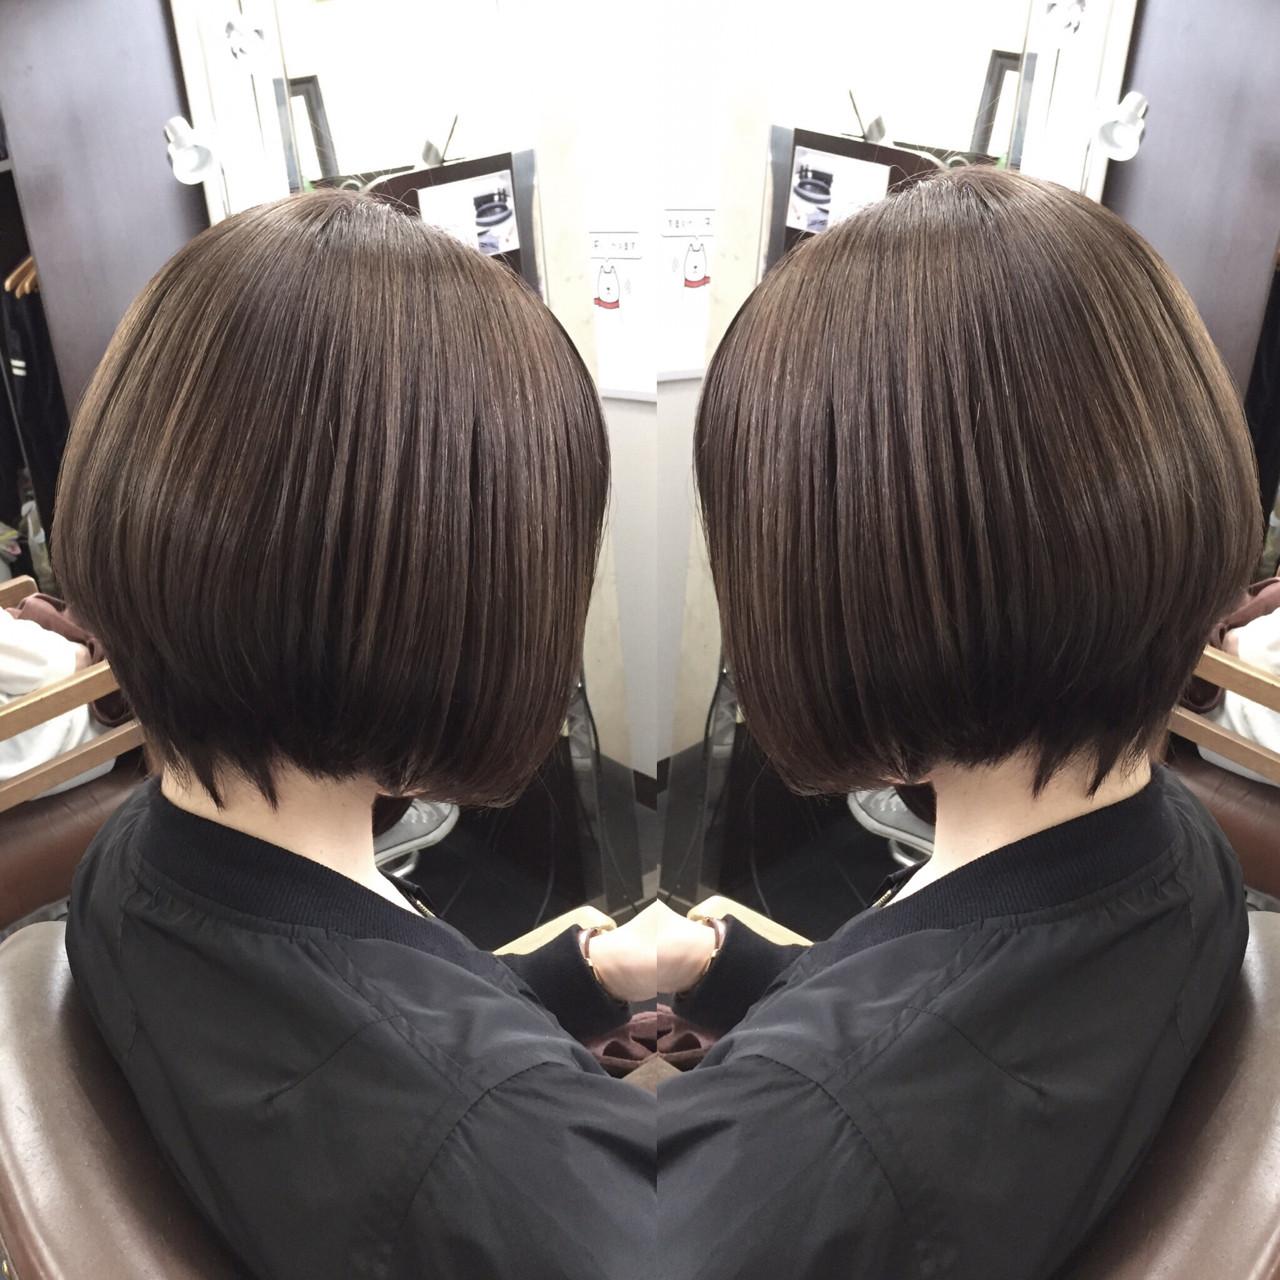 アッシュ 外国人風 ナチュラル グレージュヘアスタイルや髪型の写真・画像